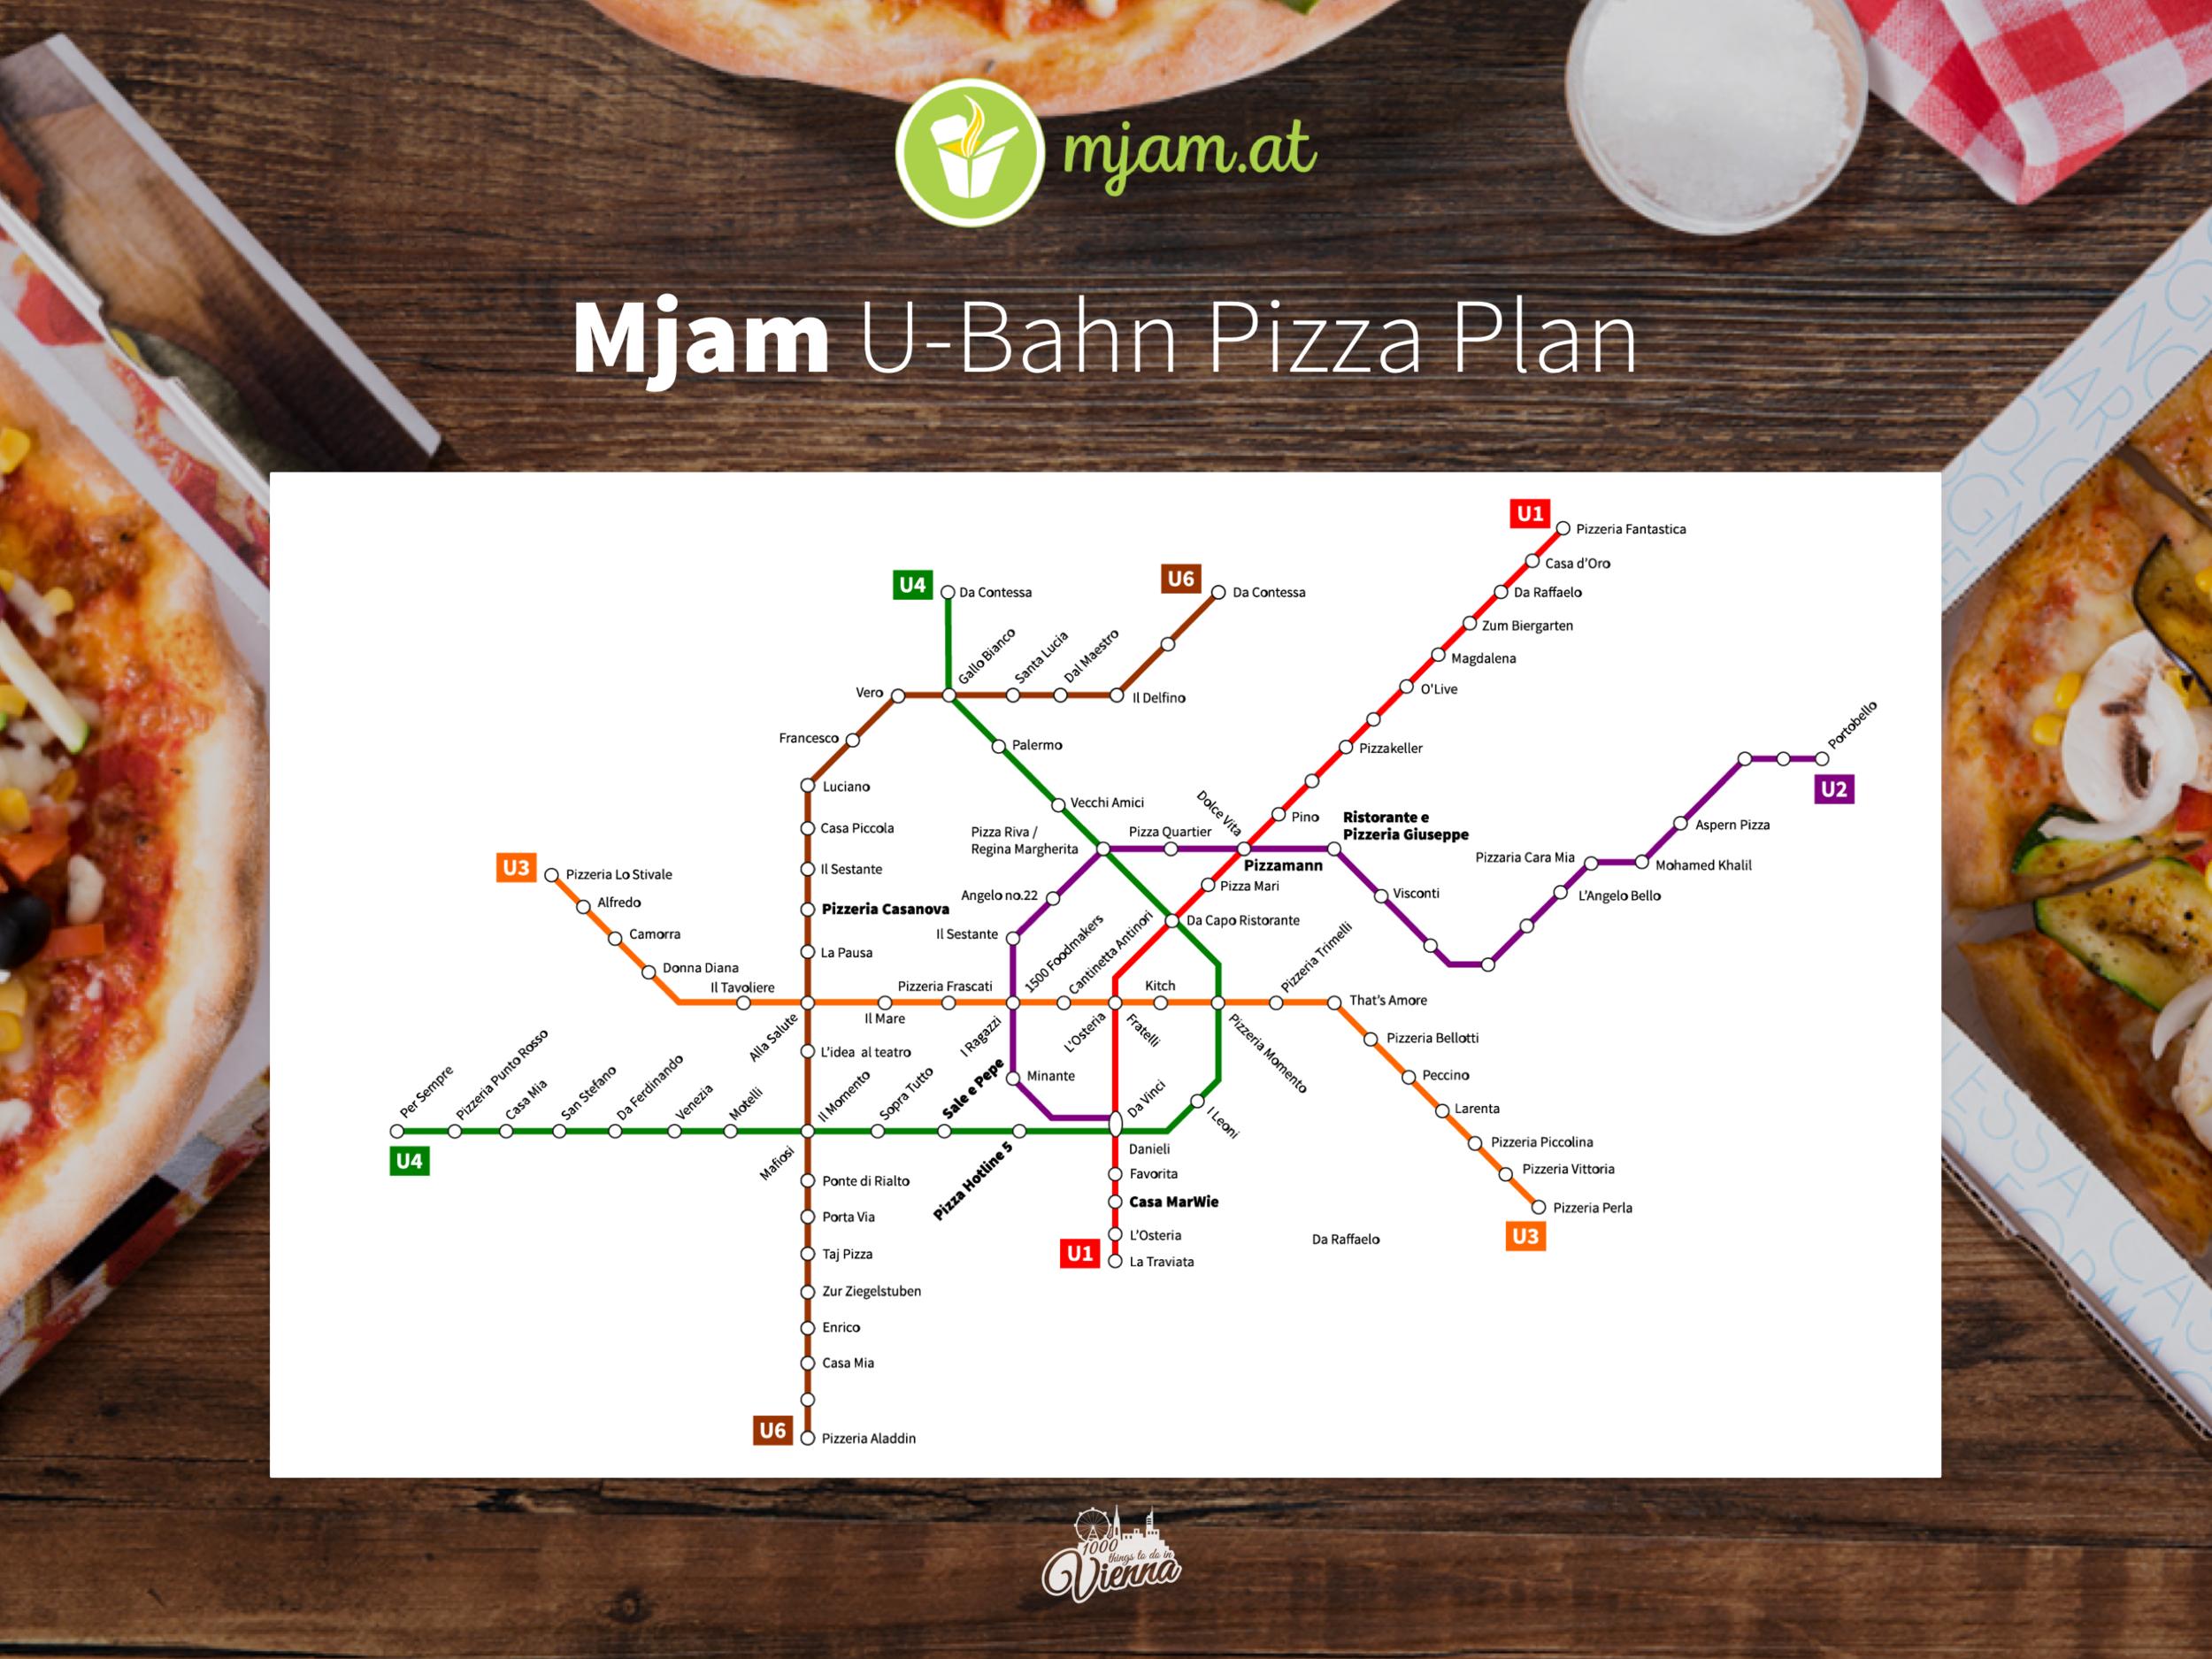 Sieh dir den einzigartigen  U-Bahn-Pizza Plan hier  noch einmal im Detail an!